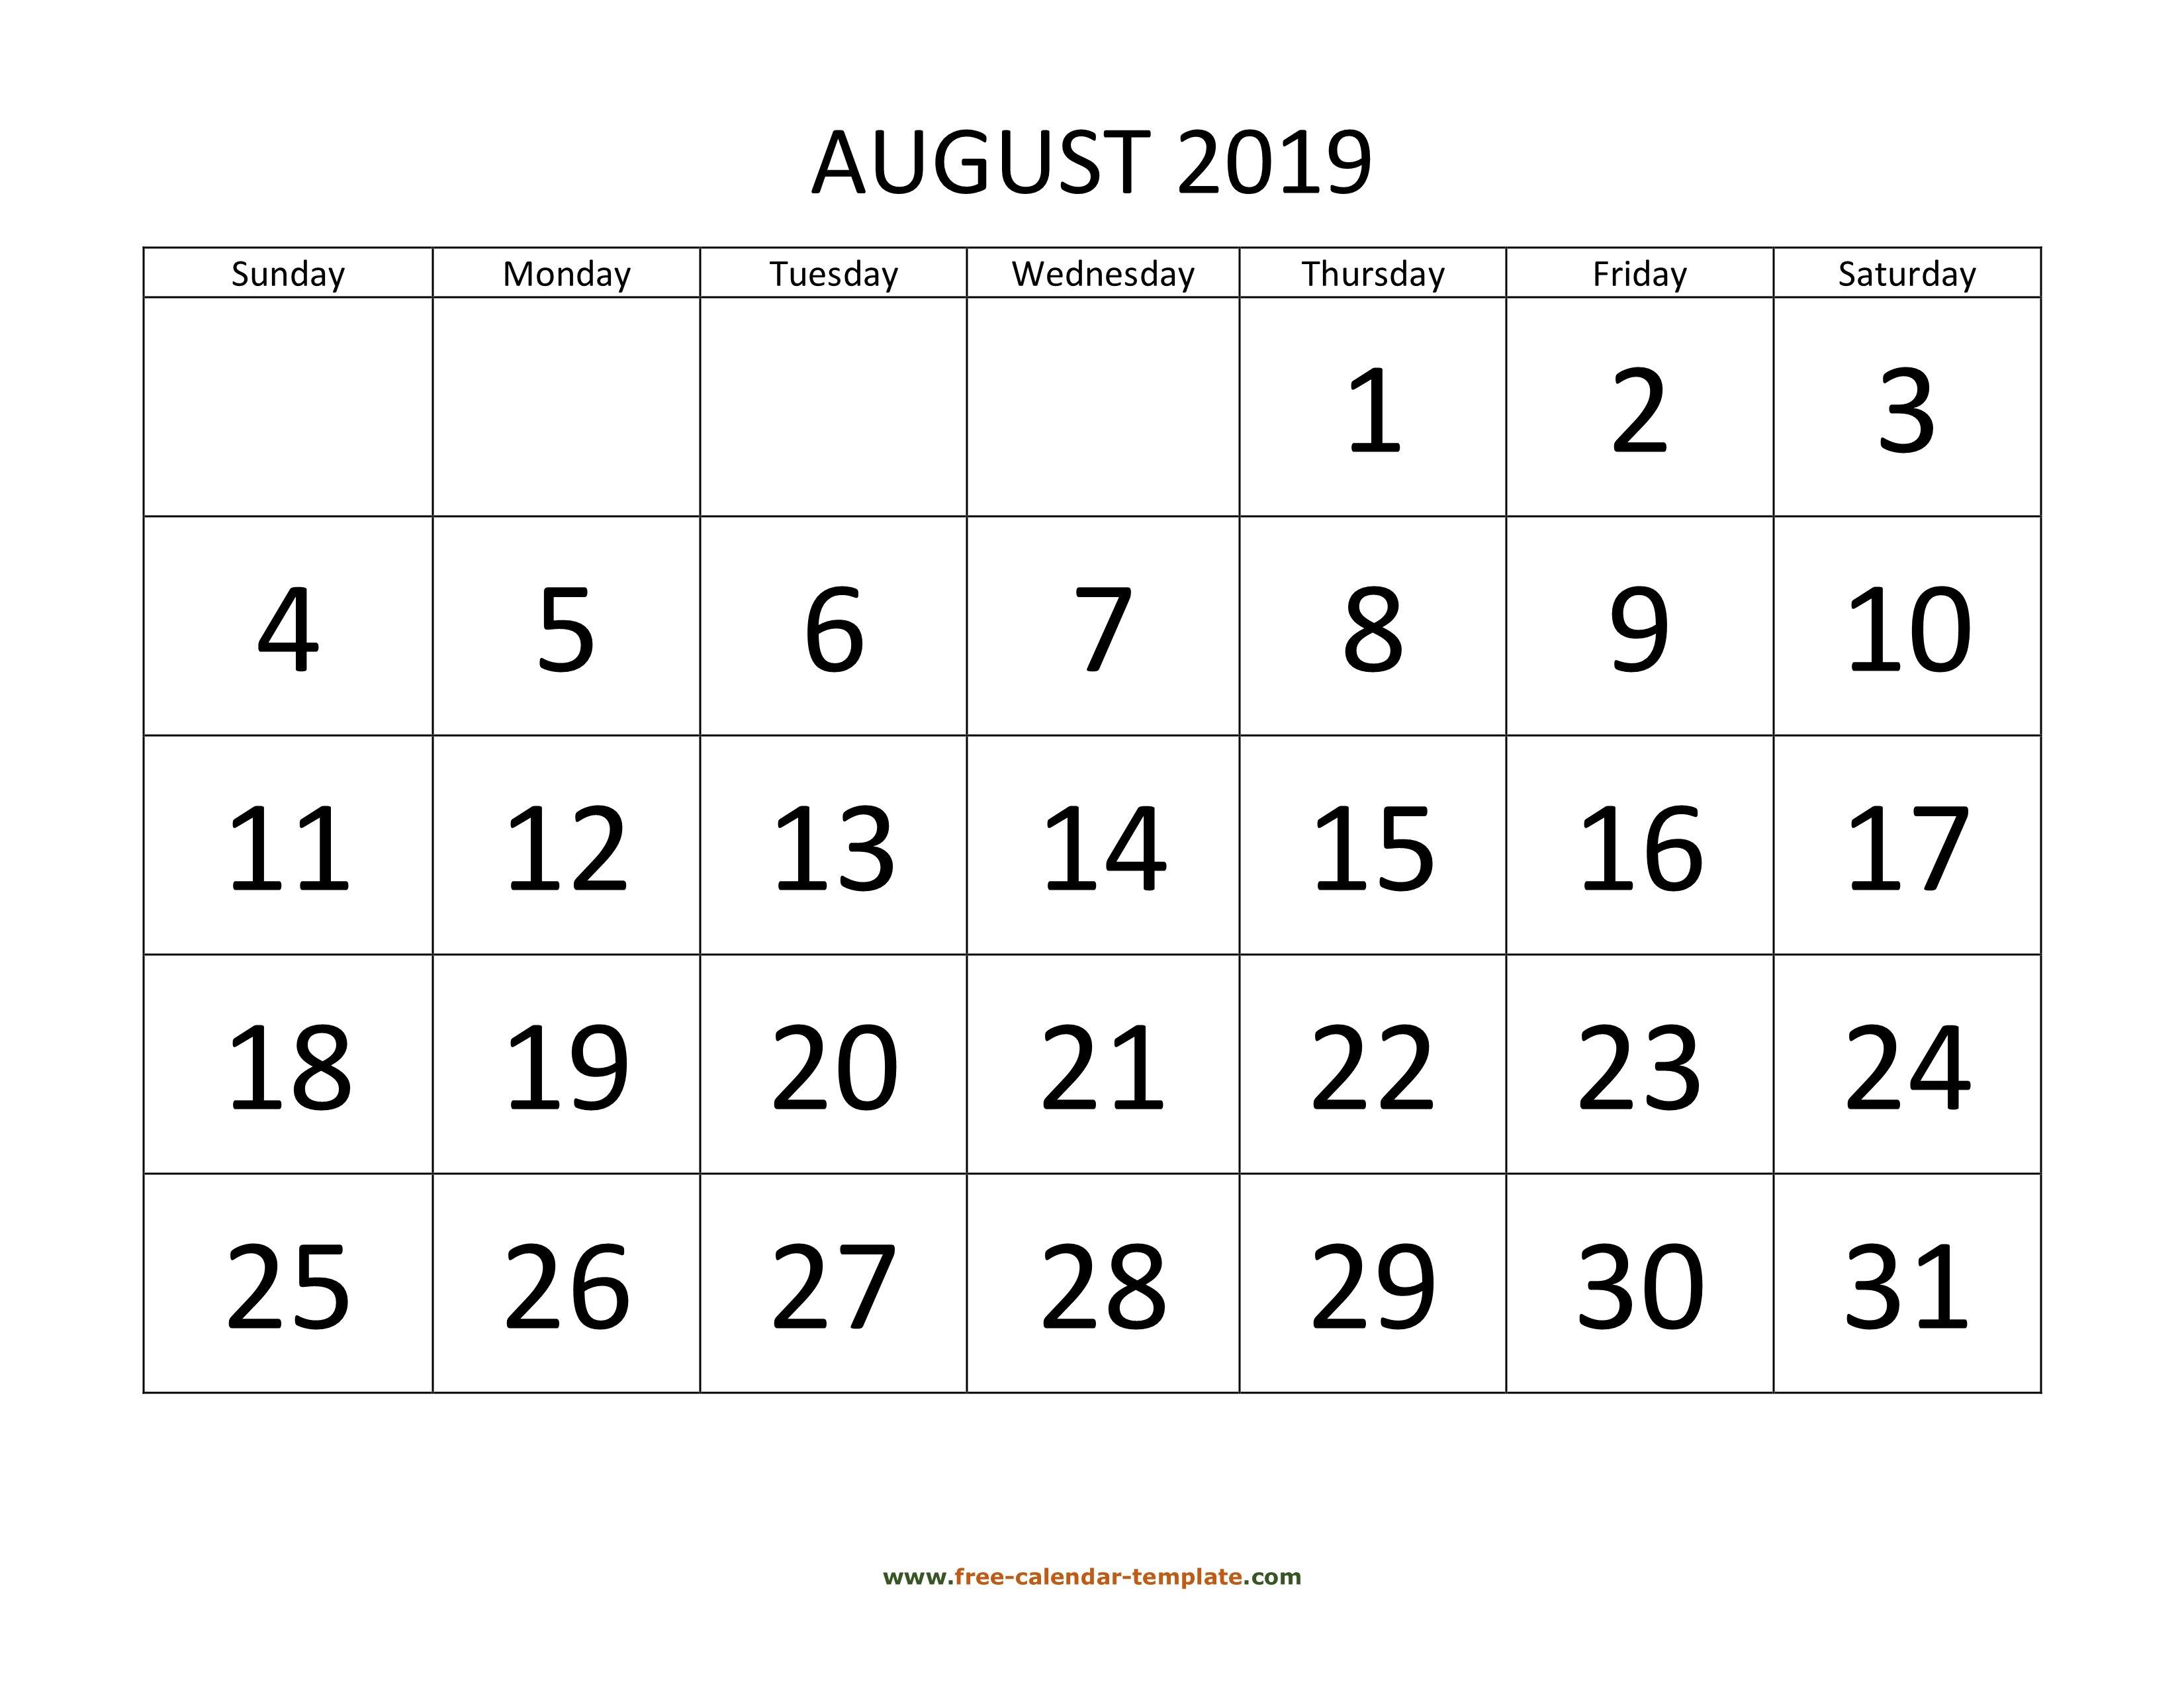 August 2019 Free Calendar Tempplate | Free-Calendar-Template August 9 2019 Calendar